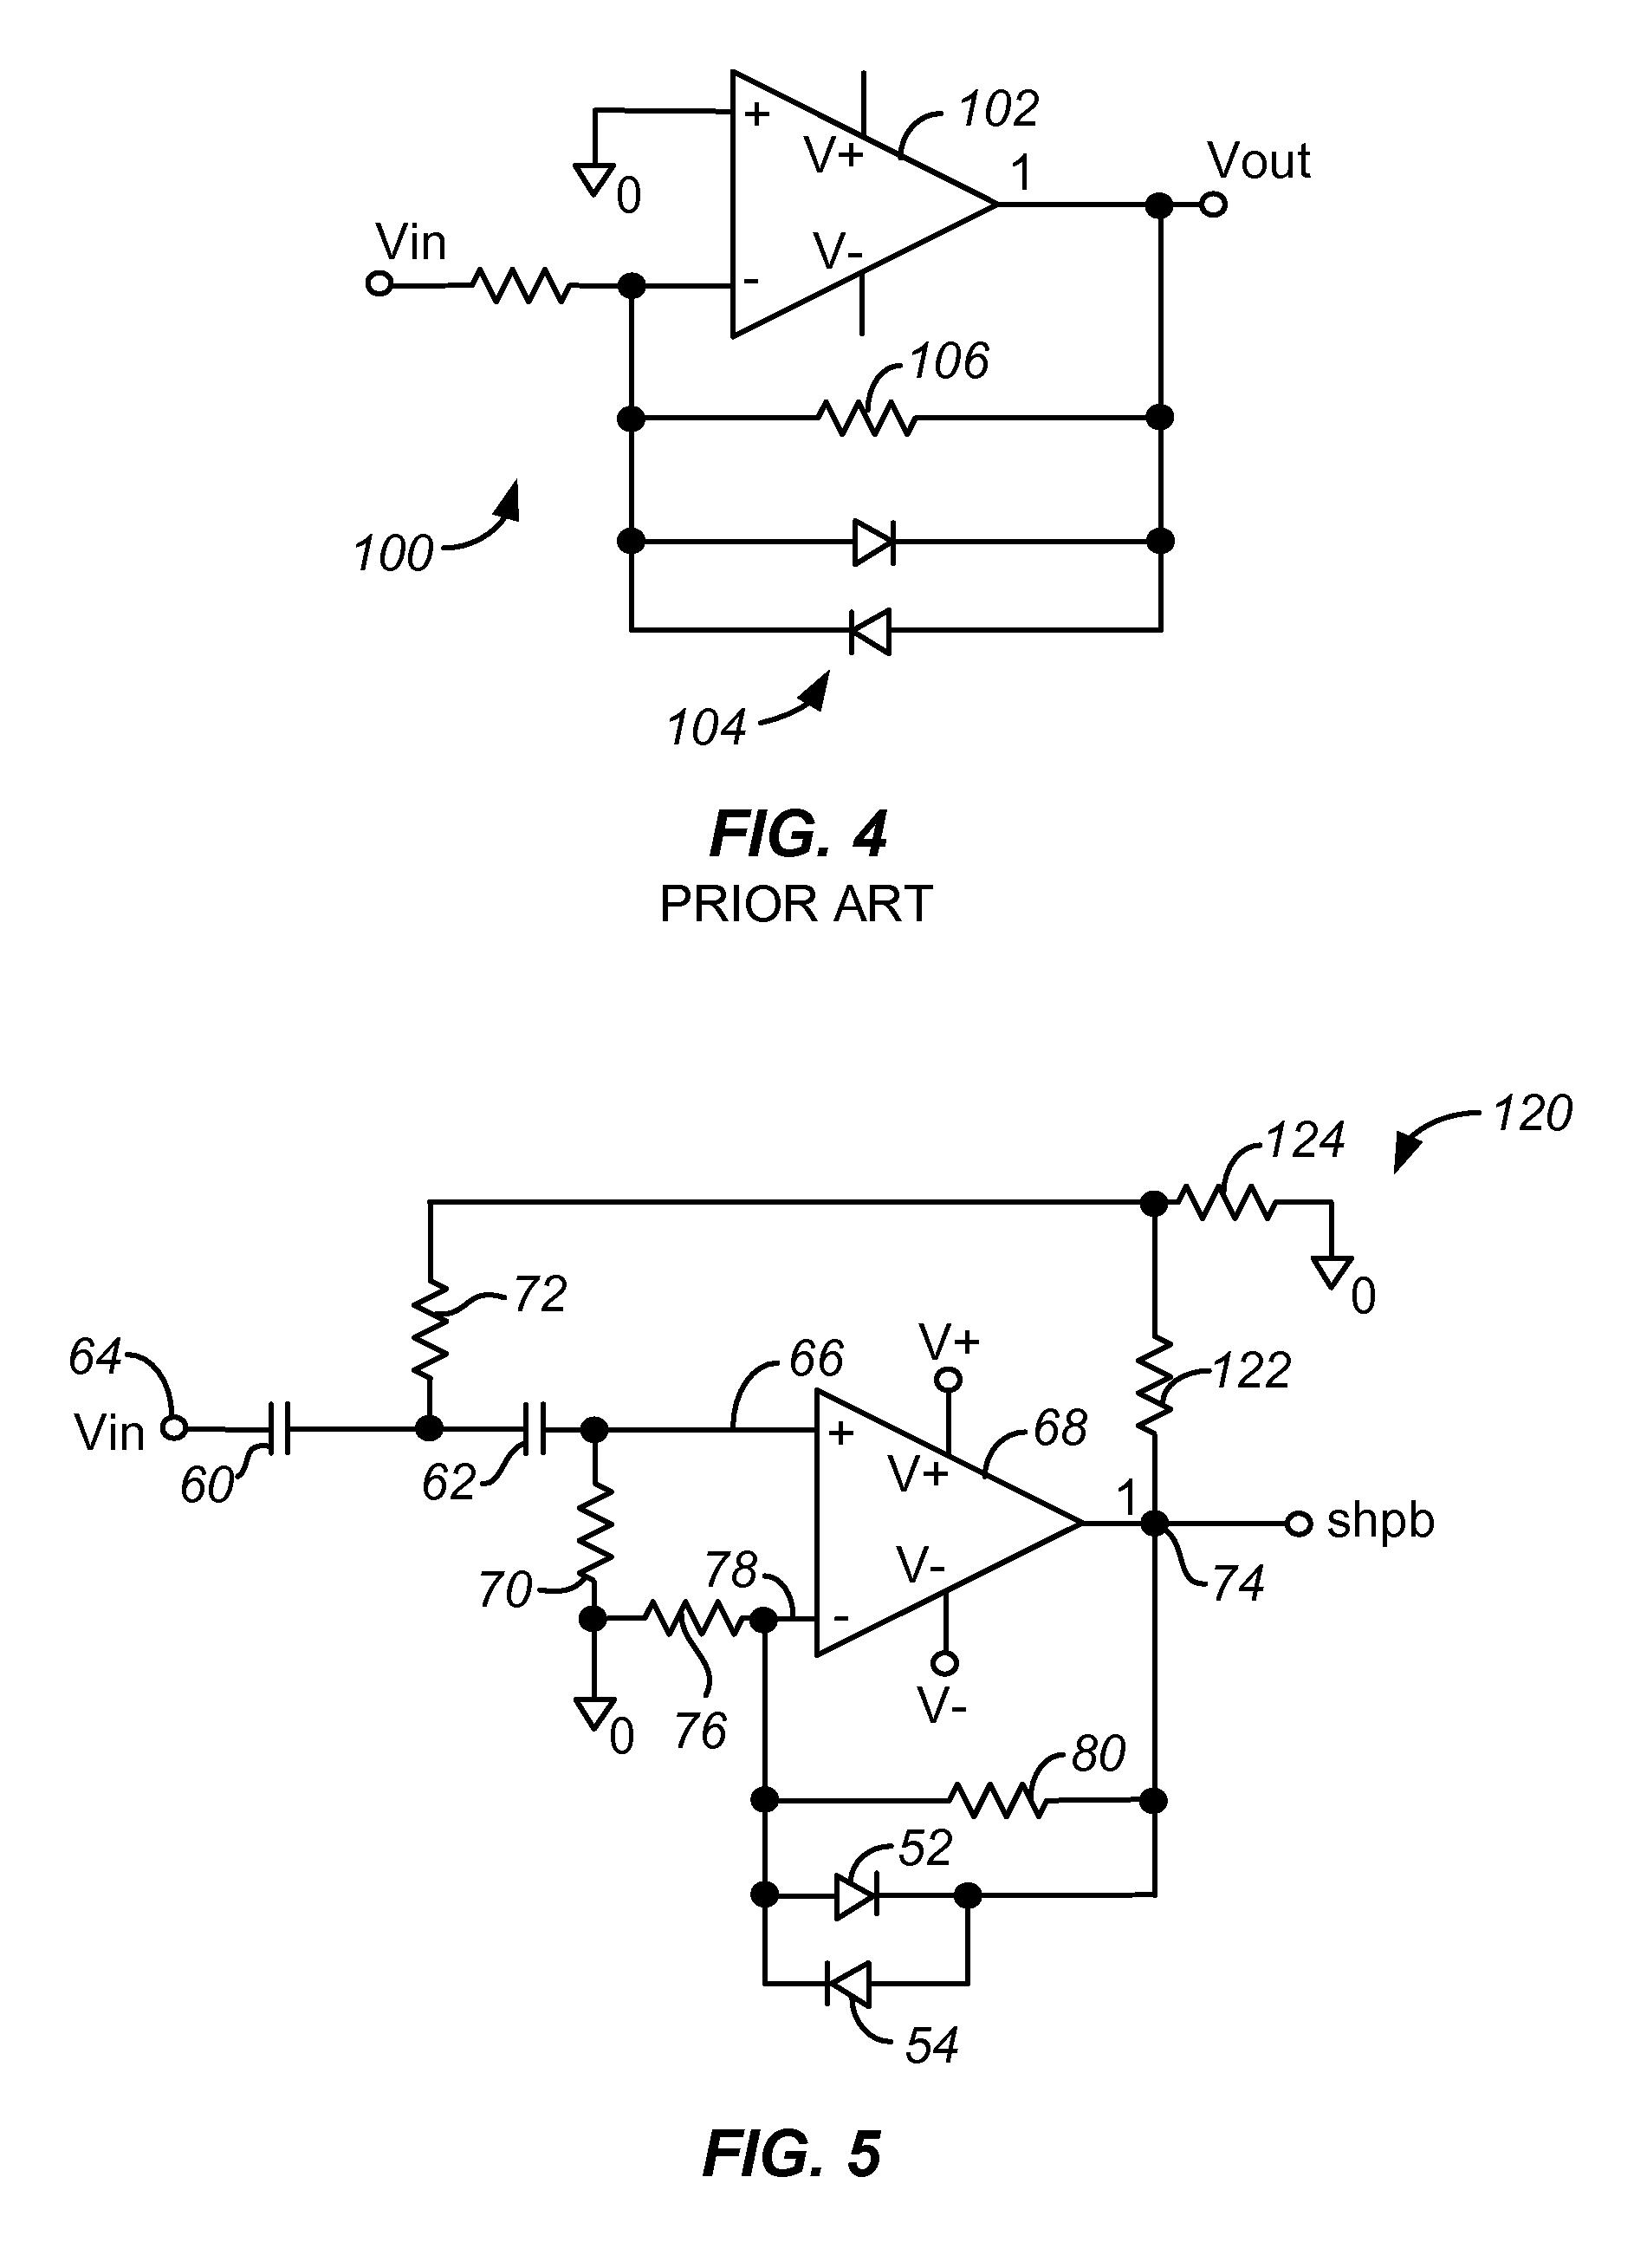 Ac Plug Wiring | Wiring Library - 110V Plug Wiring Diagram